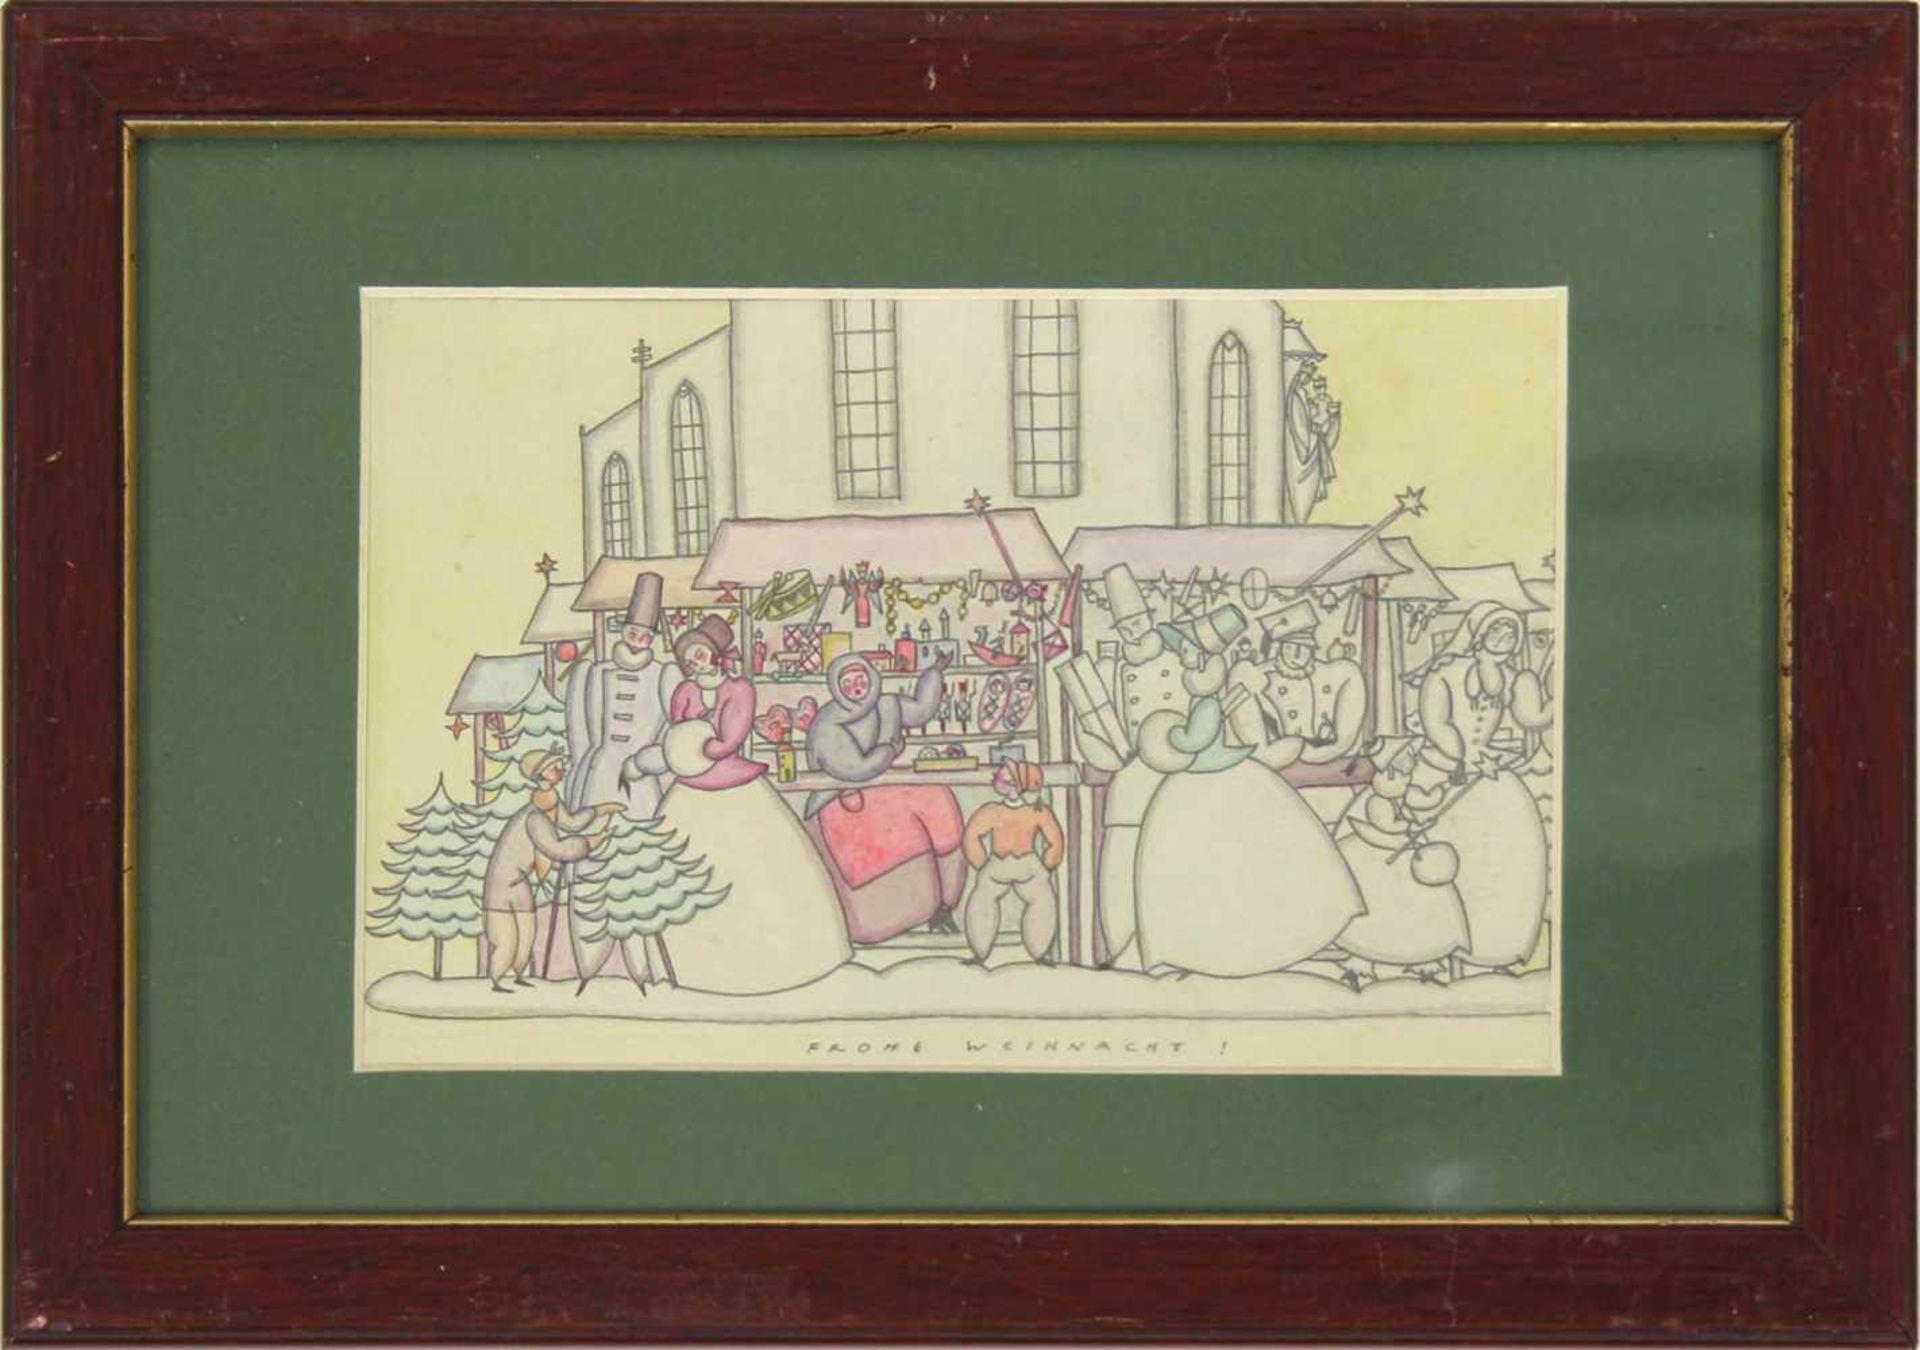 Grete Jelinek-Wiglitzki Weihnachtsmarkt um 1930 Graphit und Farbstift betitelt 14,5 x 24 cm - Bild 3 aus 4